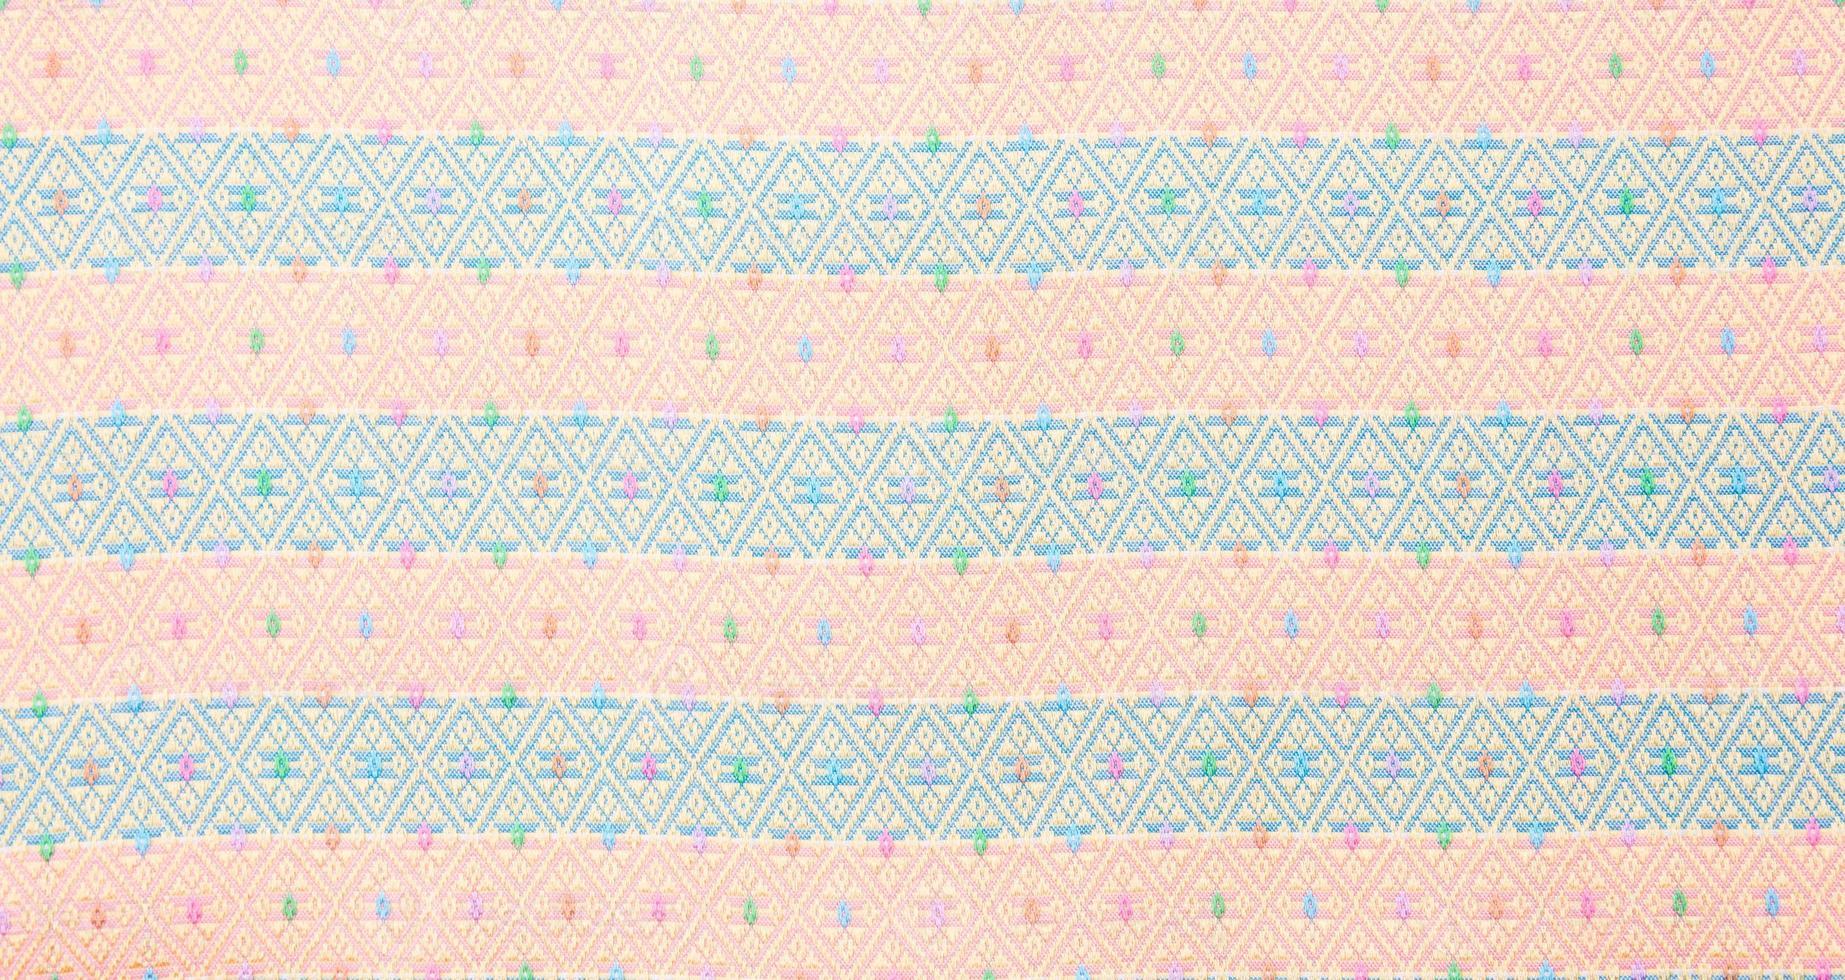 Fondo de tela de seda tailandesa foto